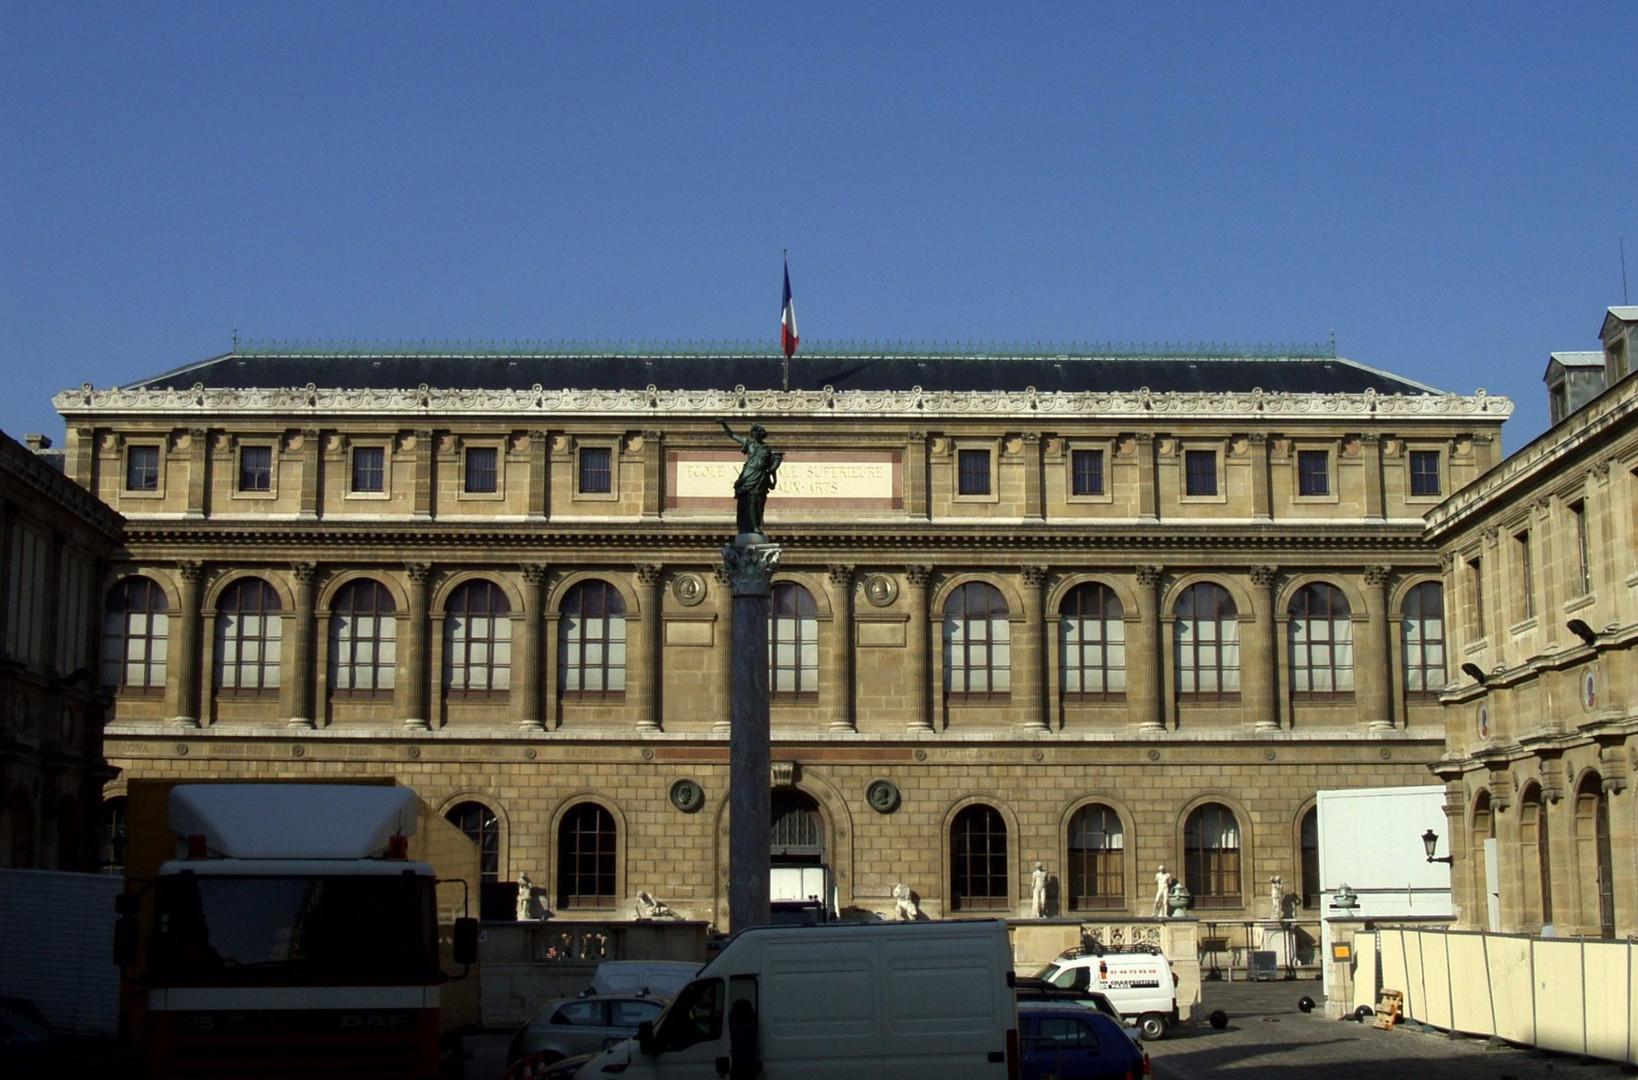 École Nationale Supérieure des Beaux Arts